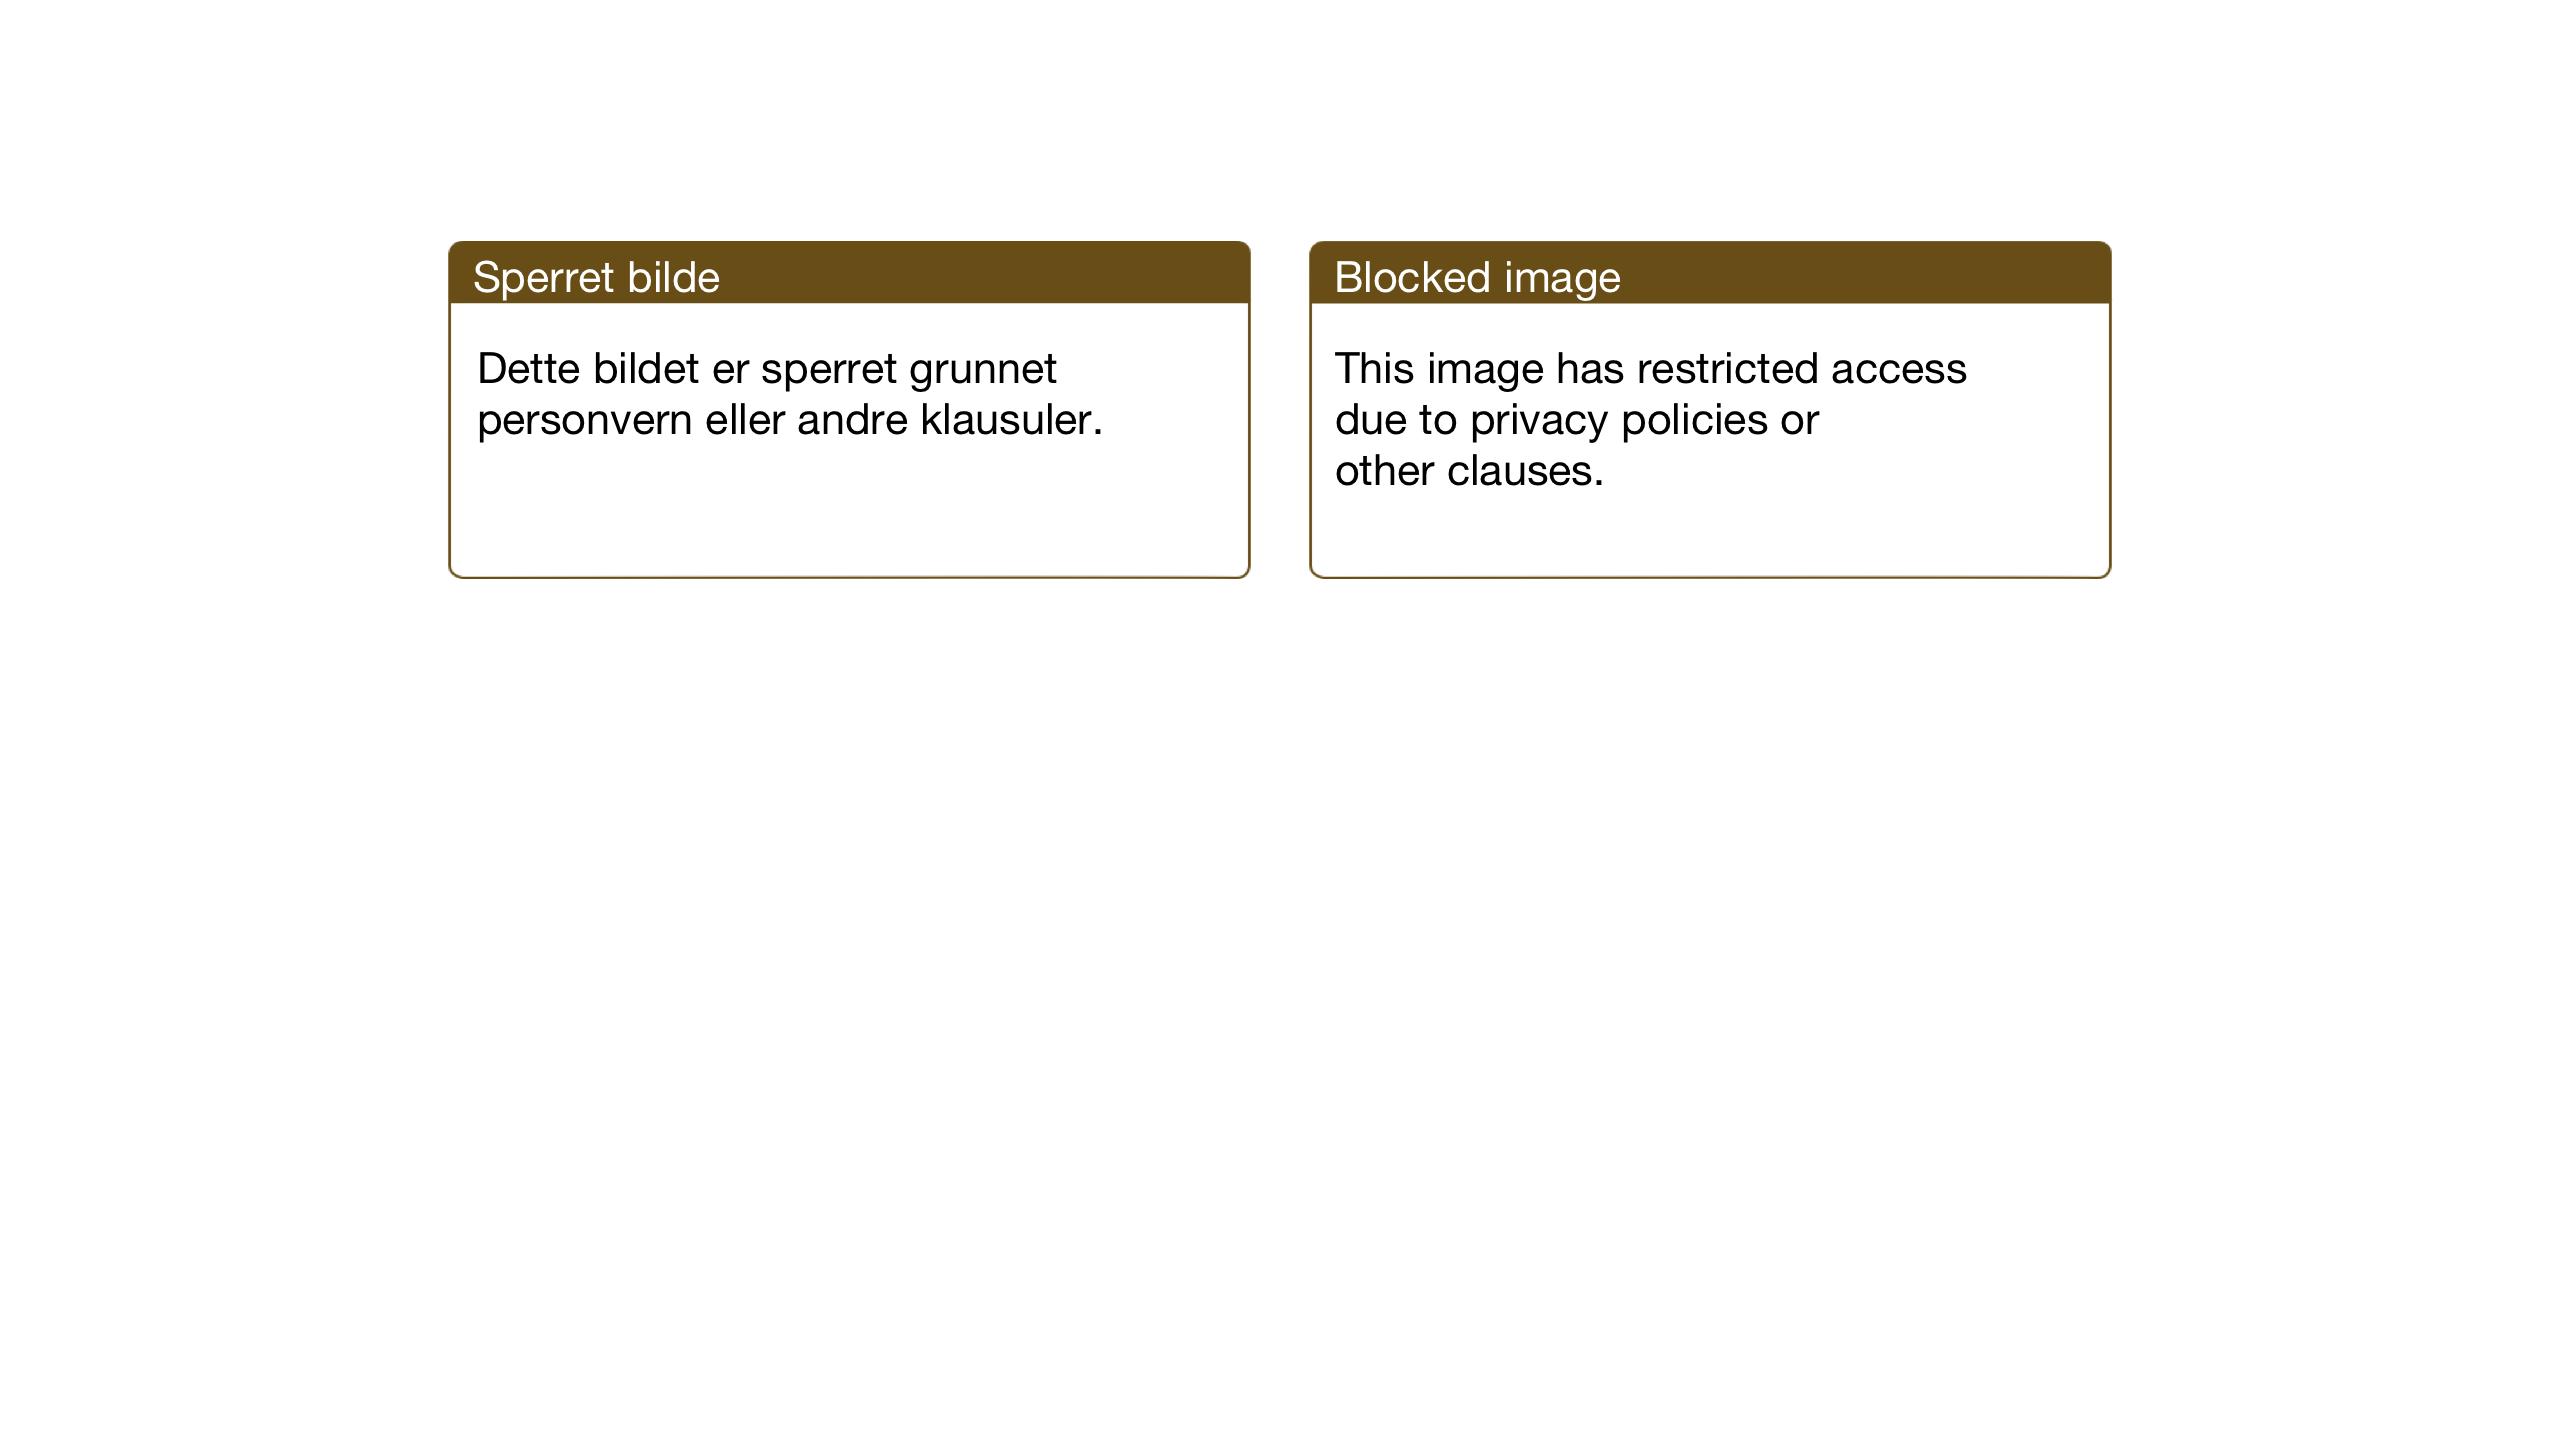 SAT, Ministerialprotokoller, klokkerbøker og fødselsregistre - Sør-Trøndelag, 602/L0148: Klokkerbok nr. 602C16, 1919-1939, s. 88